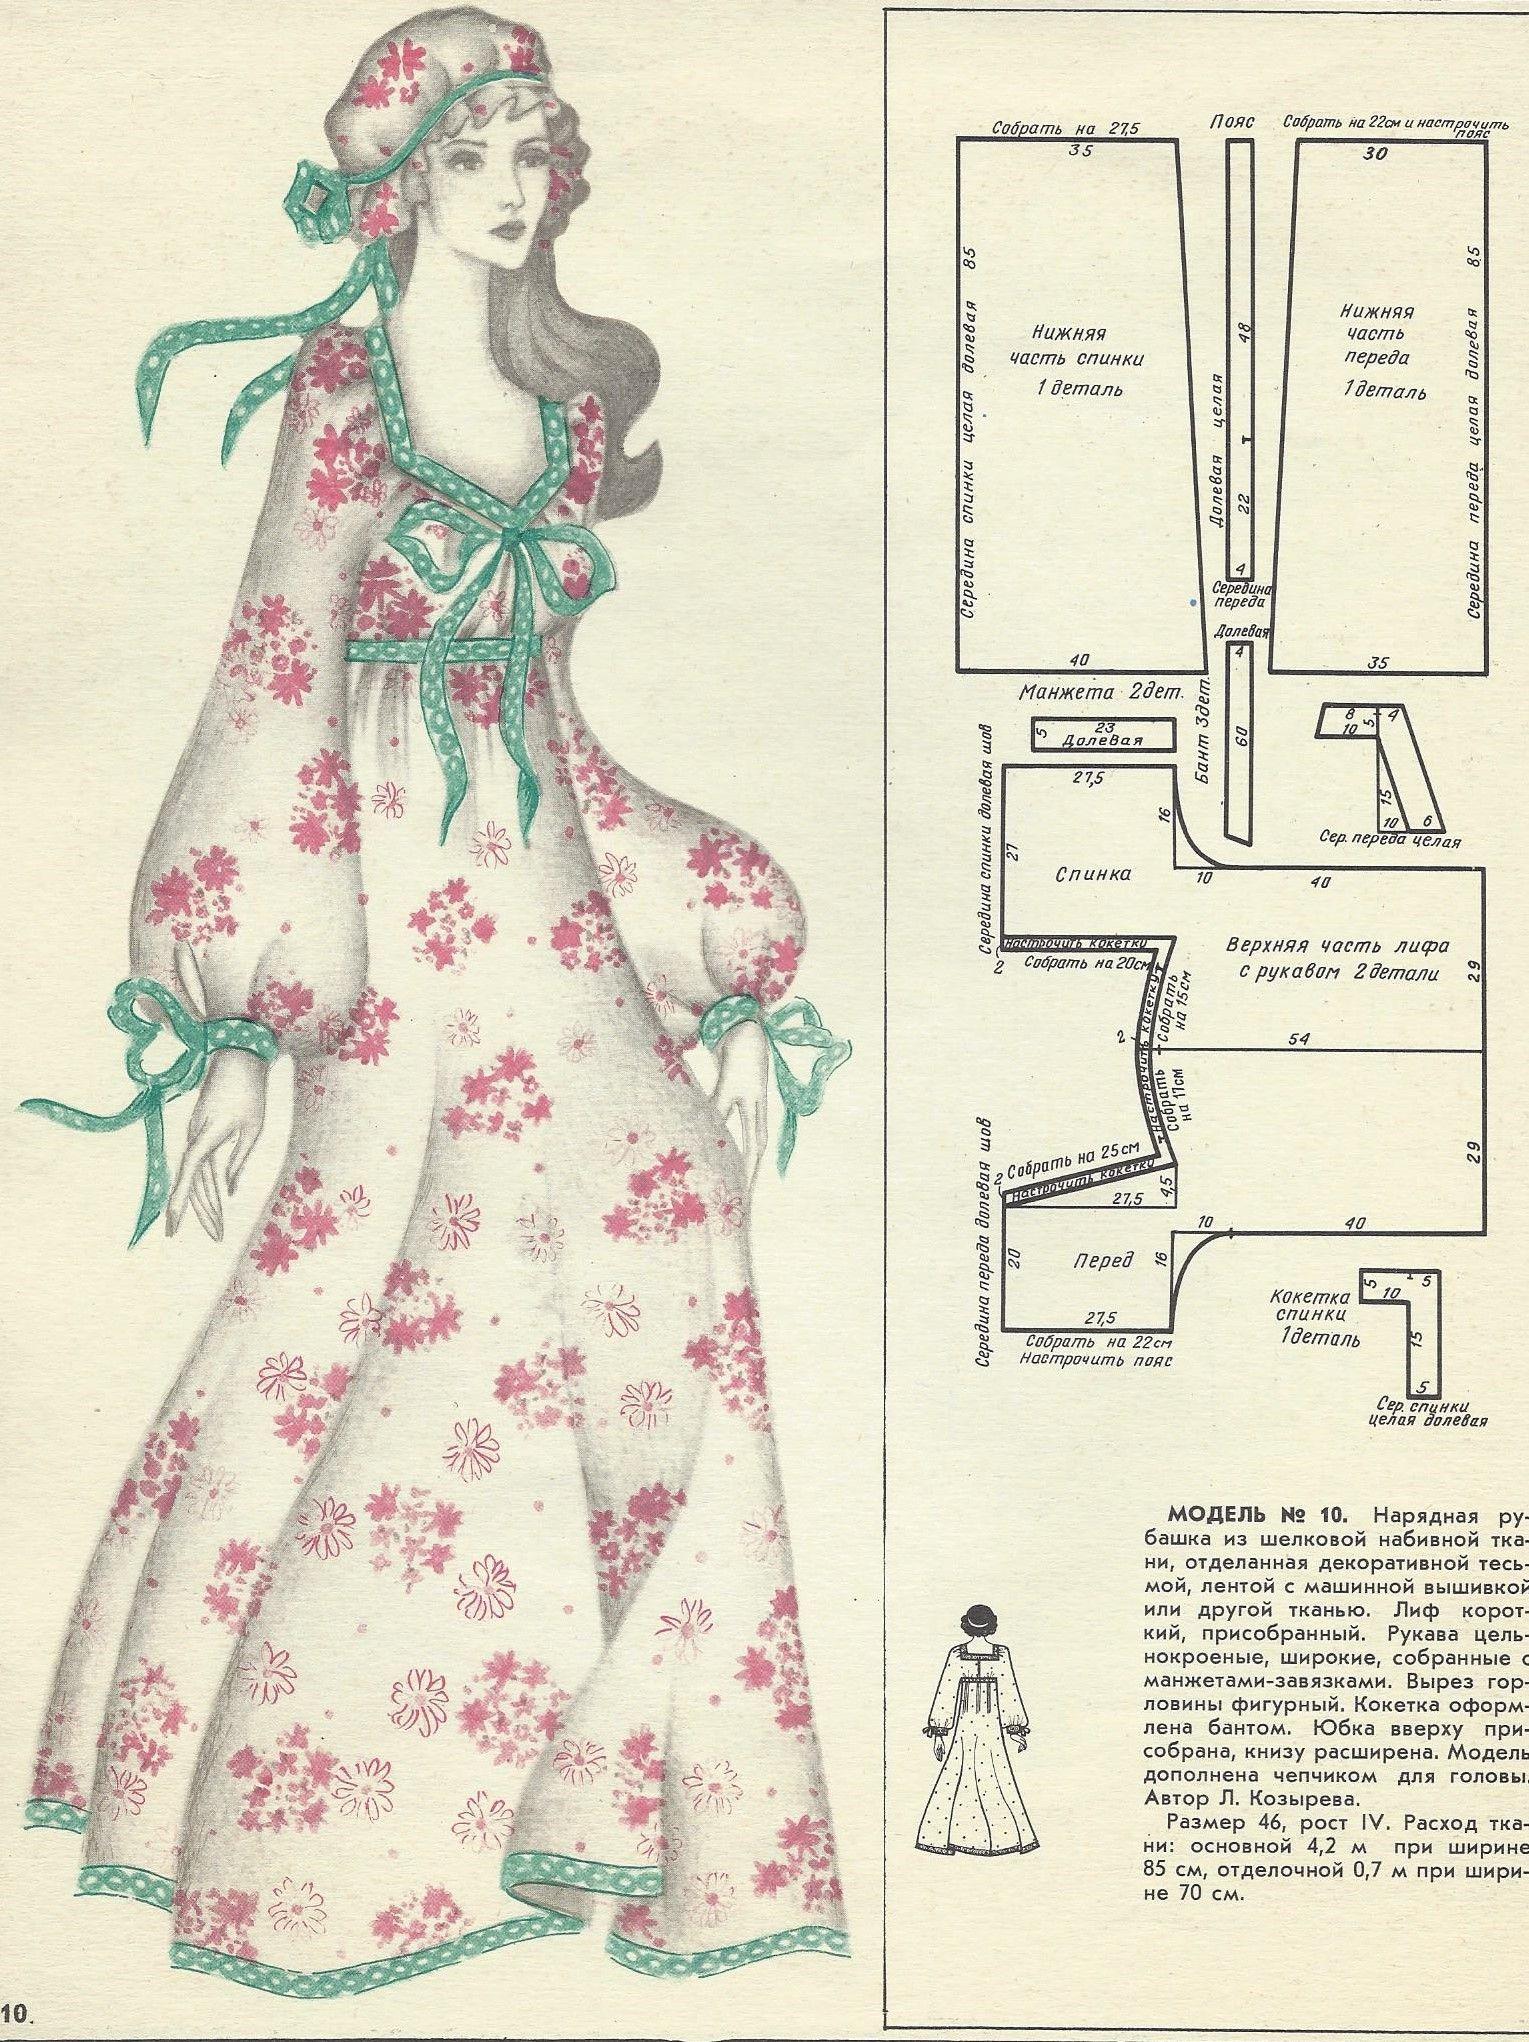 Pin de Laura en Šitie   Pinterest   Patrones, Costura y Molde